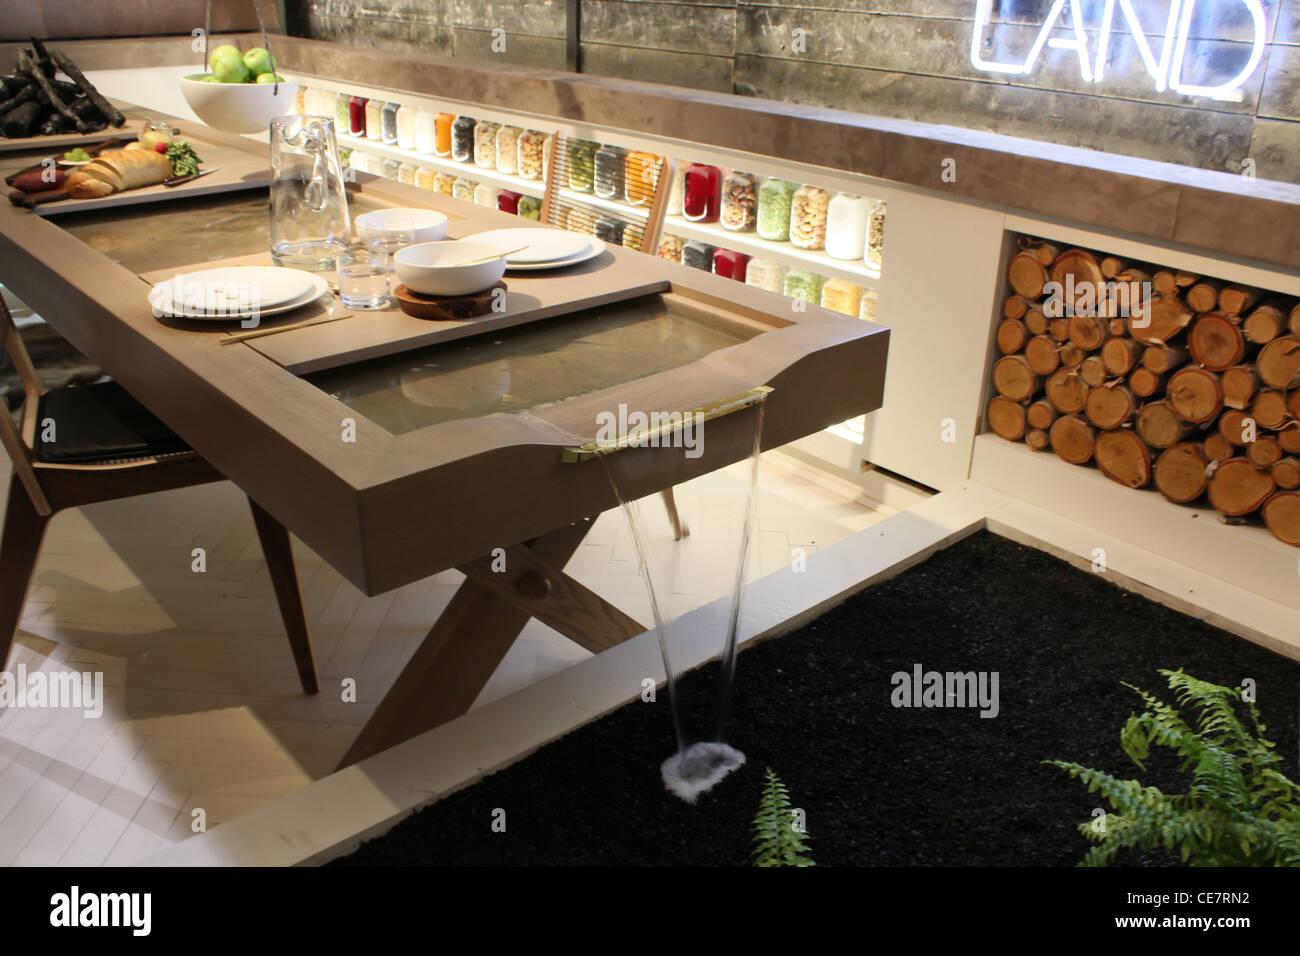 L'acqua che scorre tavolo da pranzo design innovativo Immagini Stock